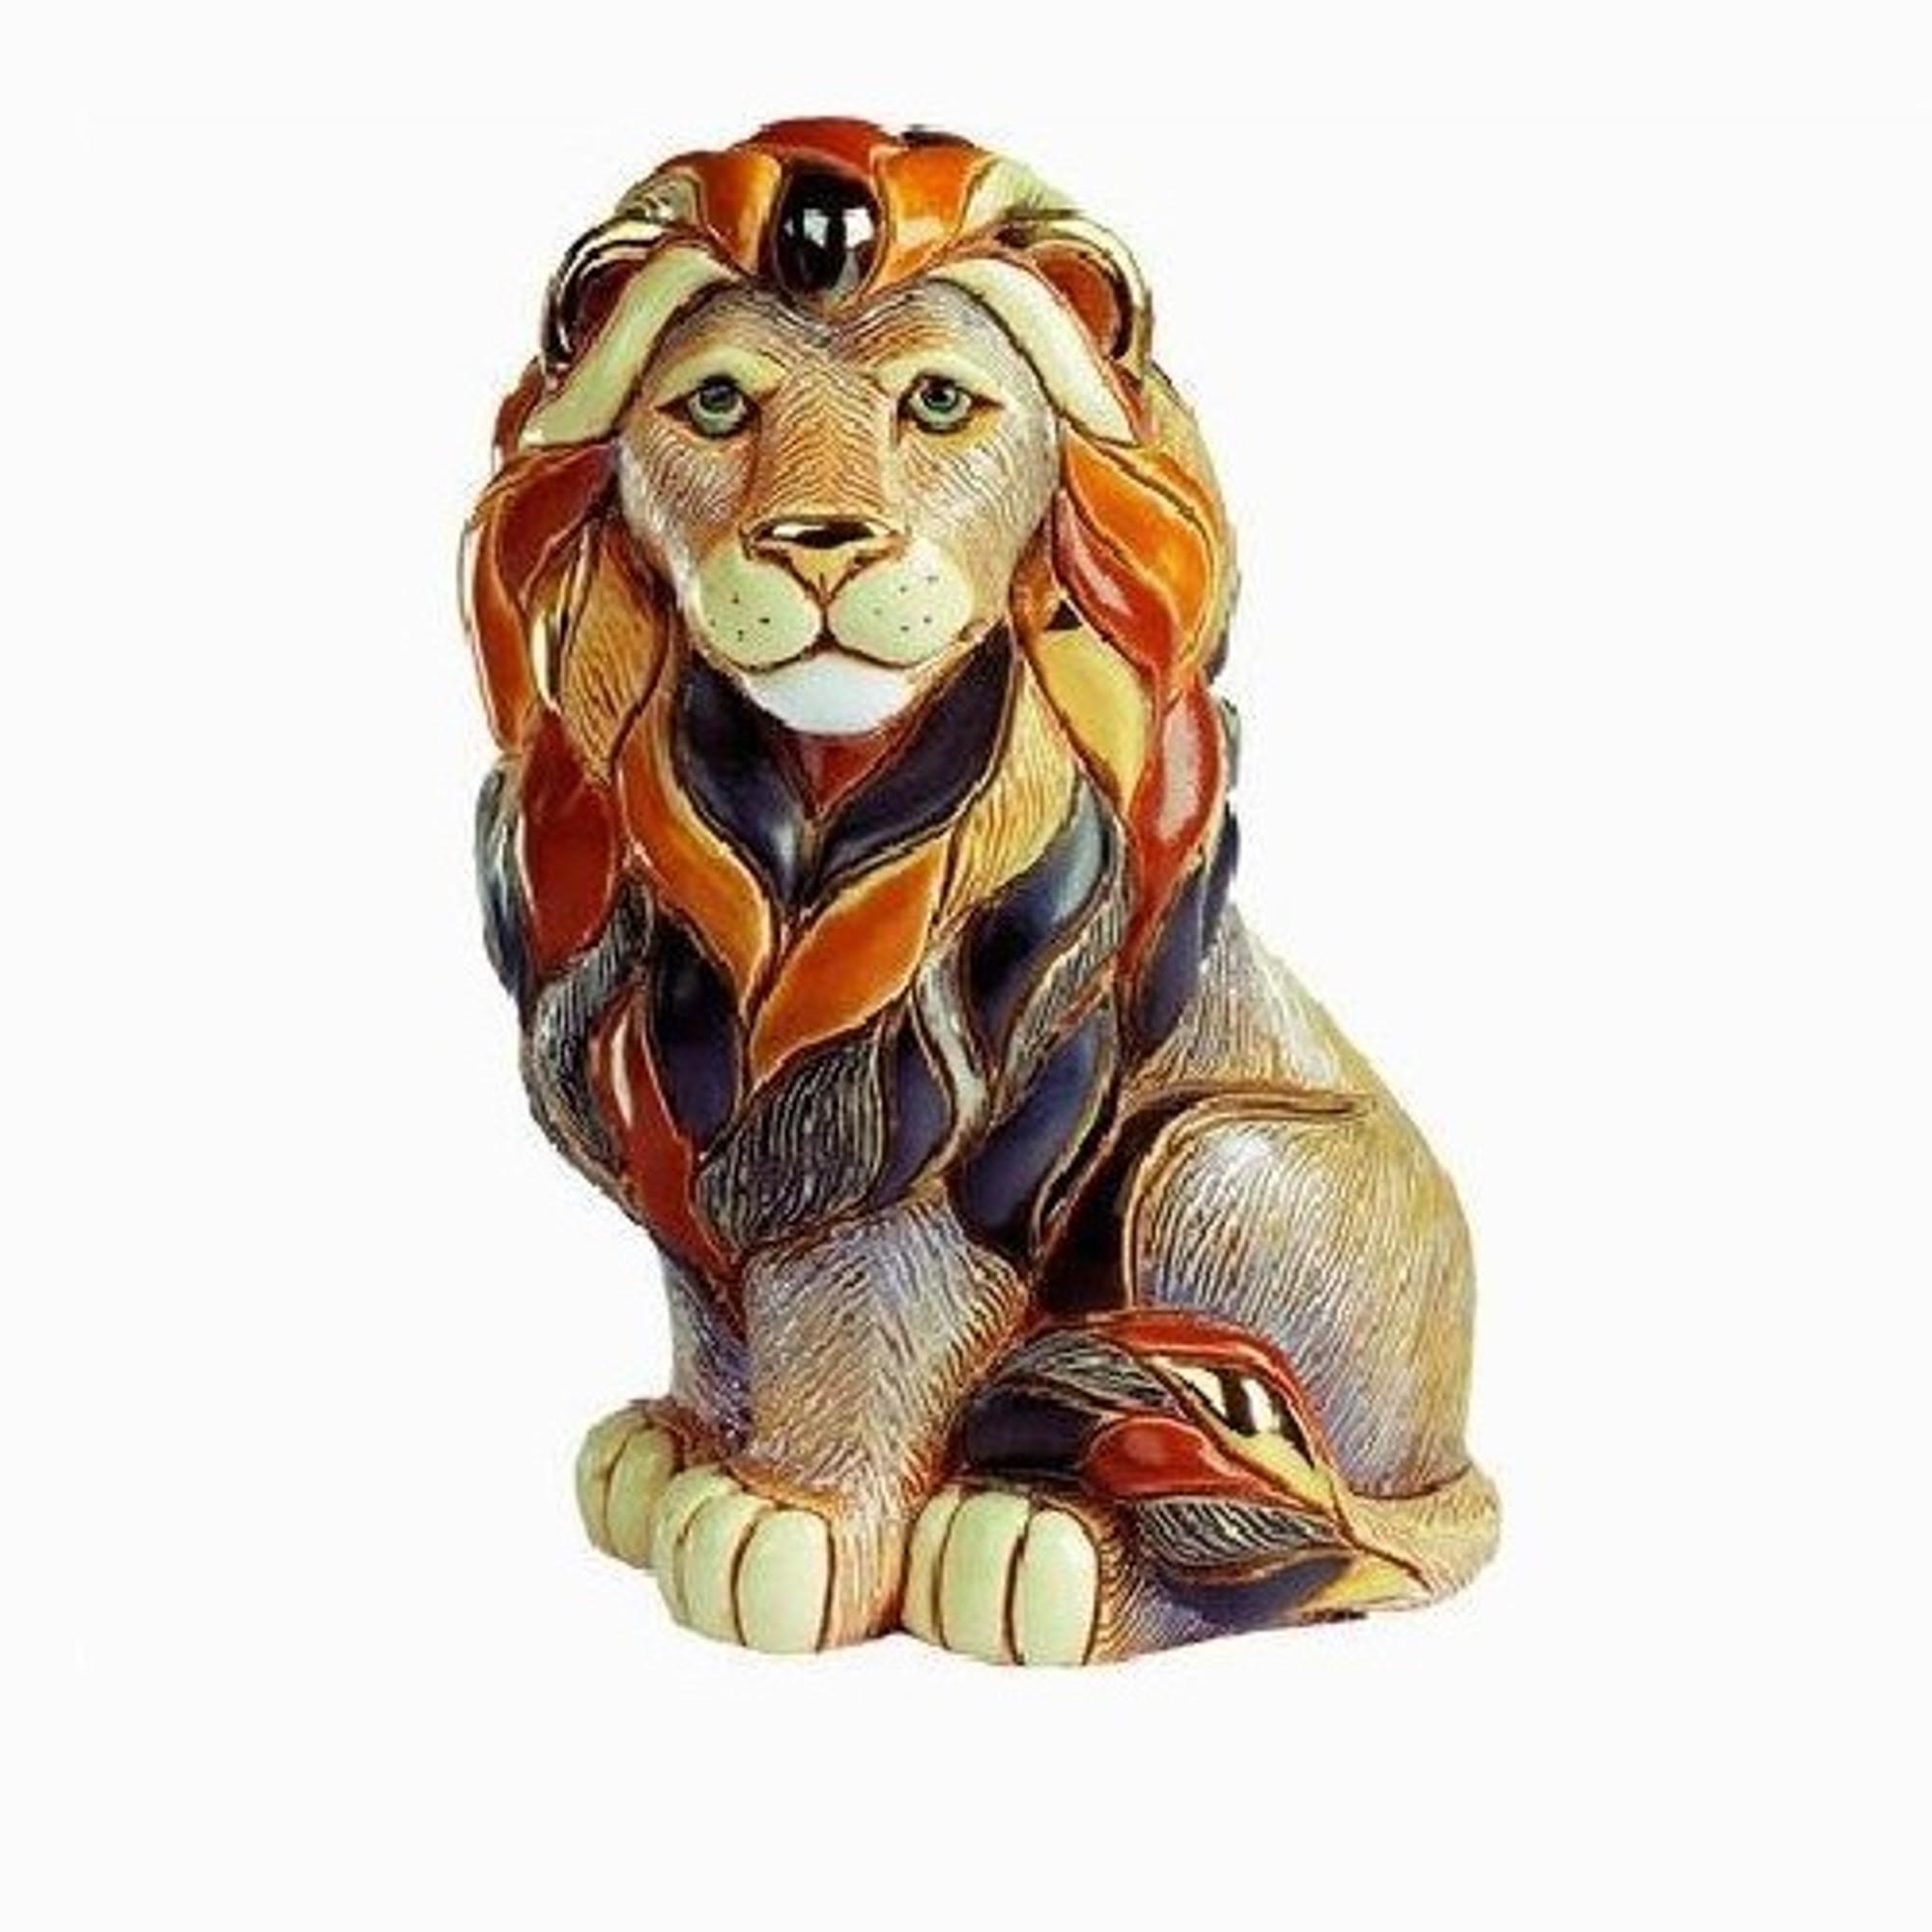 Ceramic Lion Figurine De Rosa Collection Sitting Lion